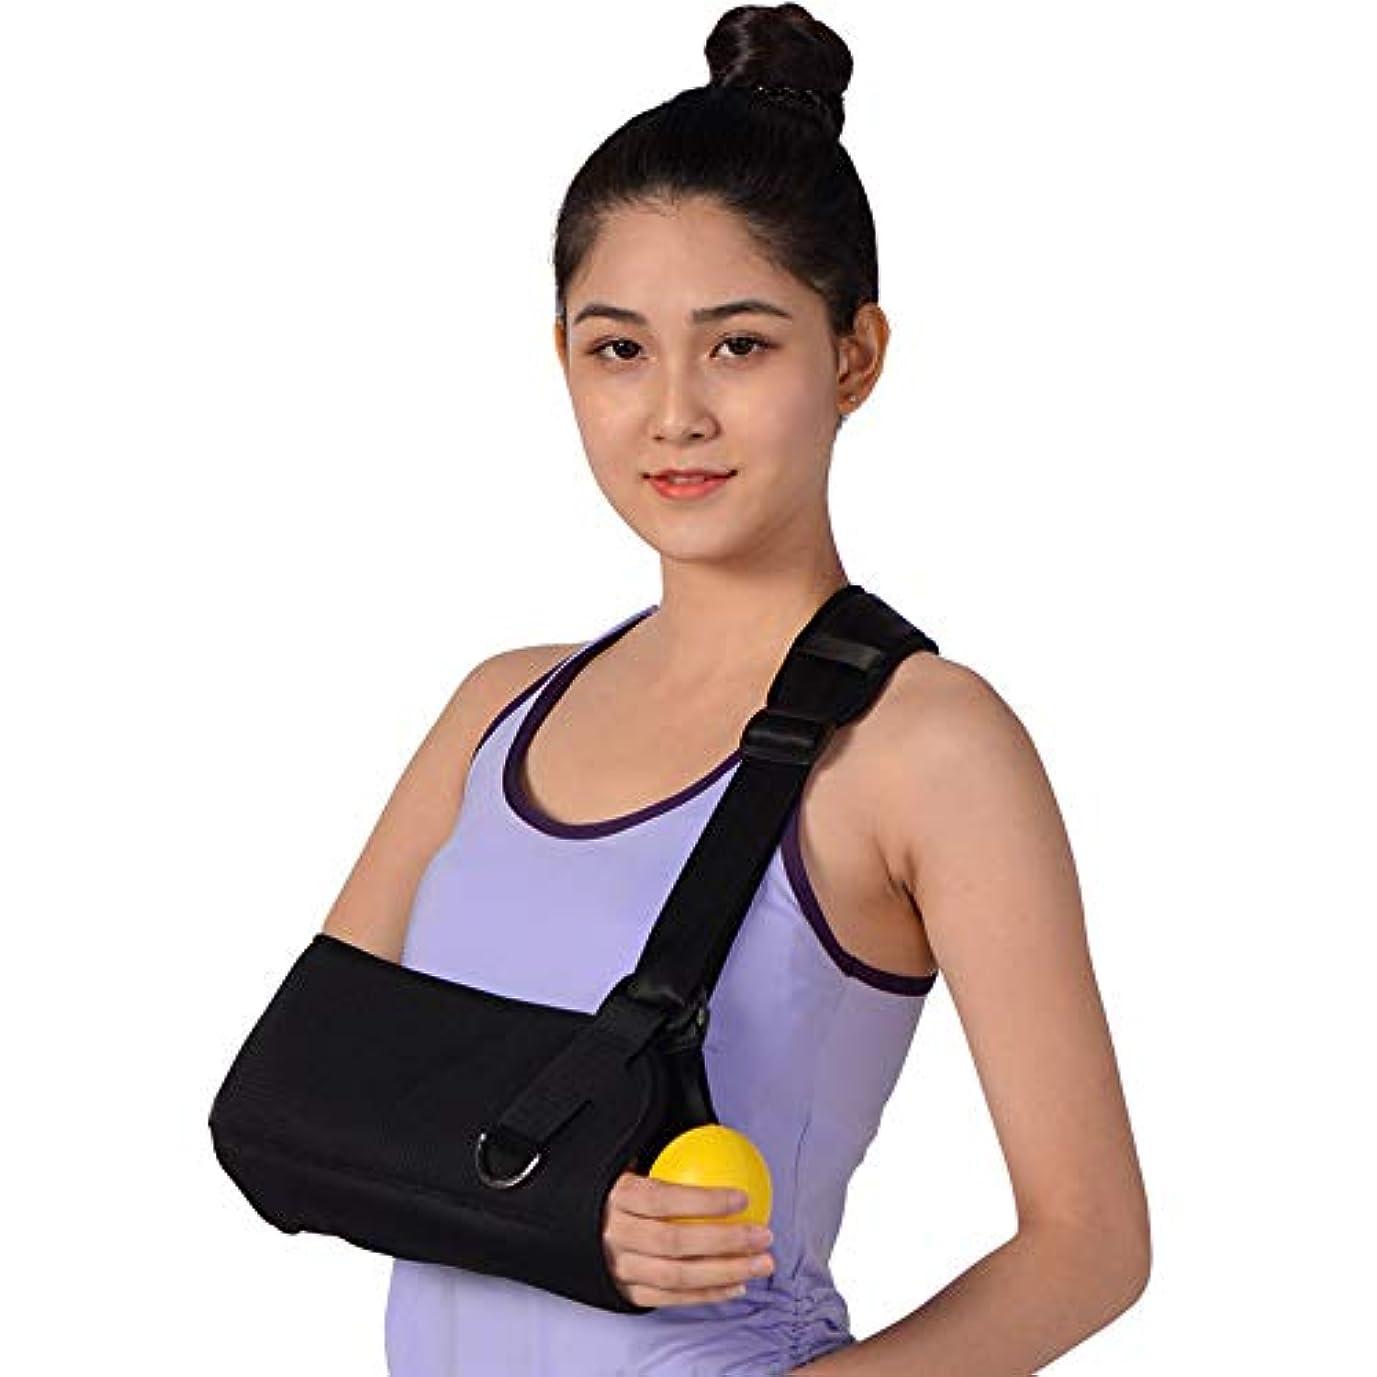 スタッフ締め切り達成する肩外転スリング、怪我サポート用イモビライザー、回旋腱板用痛み緩和アーム枕、サブレキシオン、手術、脱臼、骨折した腕,M